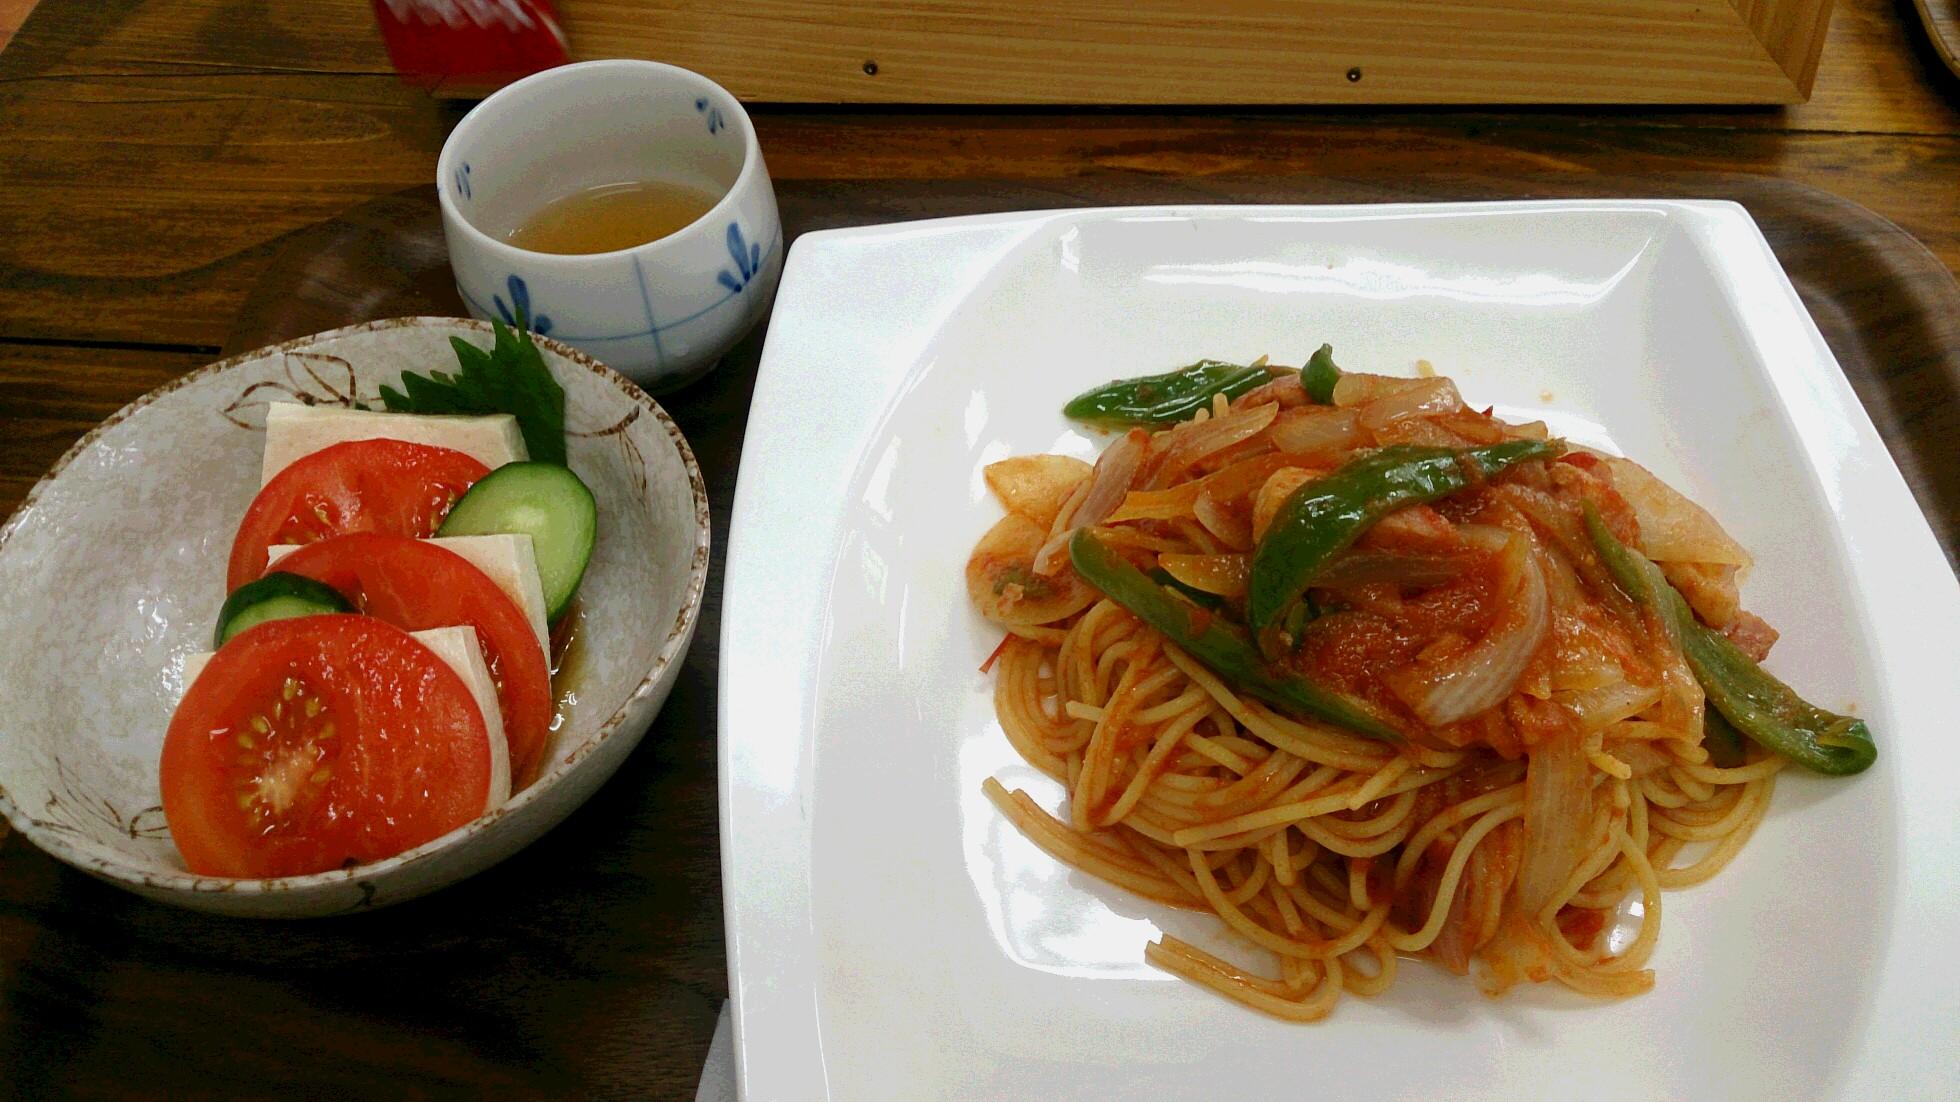 遊子川特産のトマトをふんだんに使用したメニューが人気!西予市城川町の「ゆすかわ食堂」 で「自家製ケチャップスパゲティナポリタン」を食べてきました!